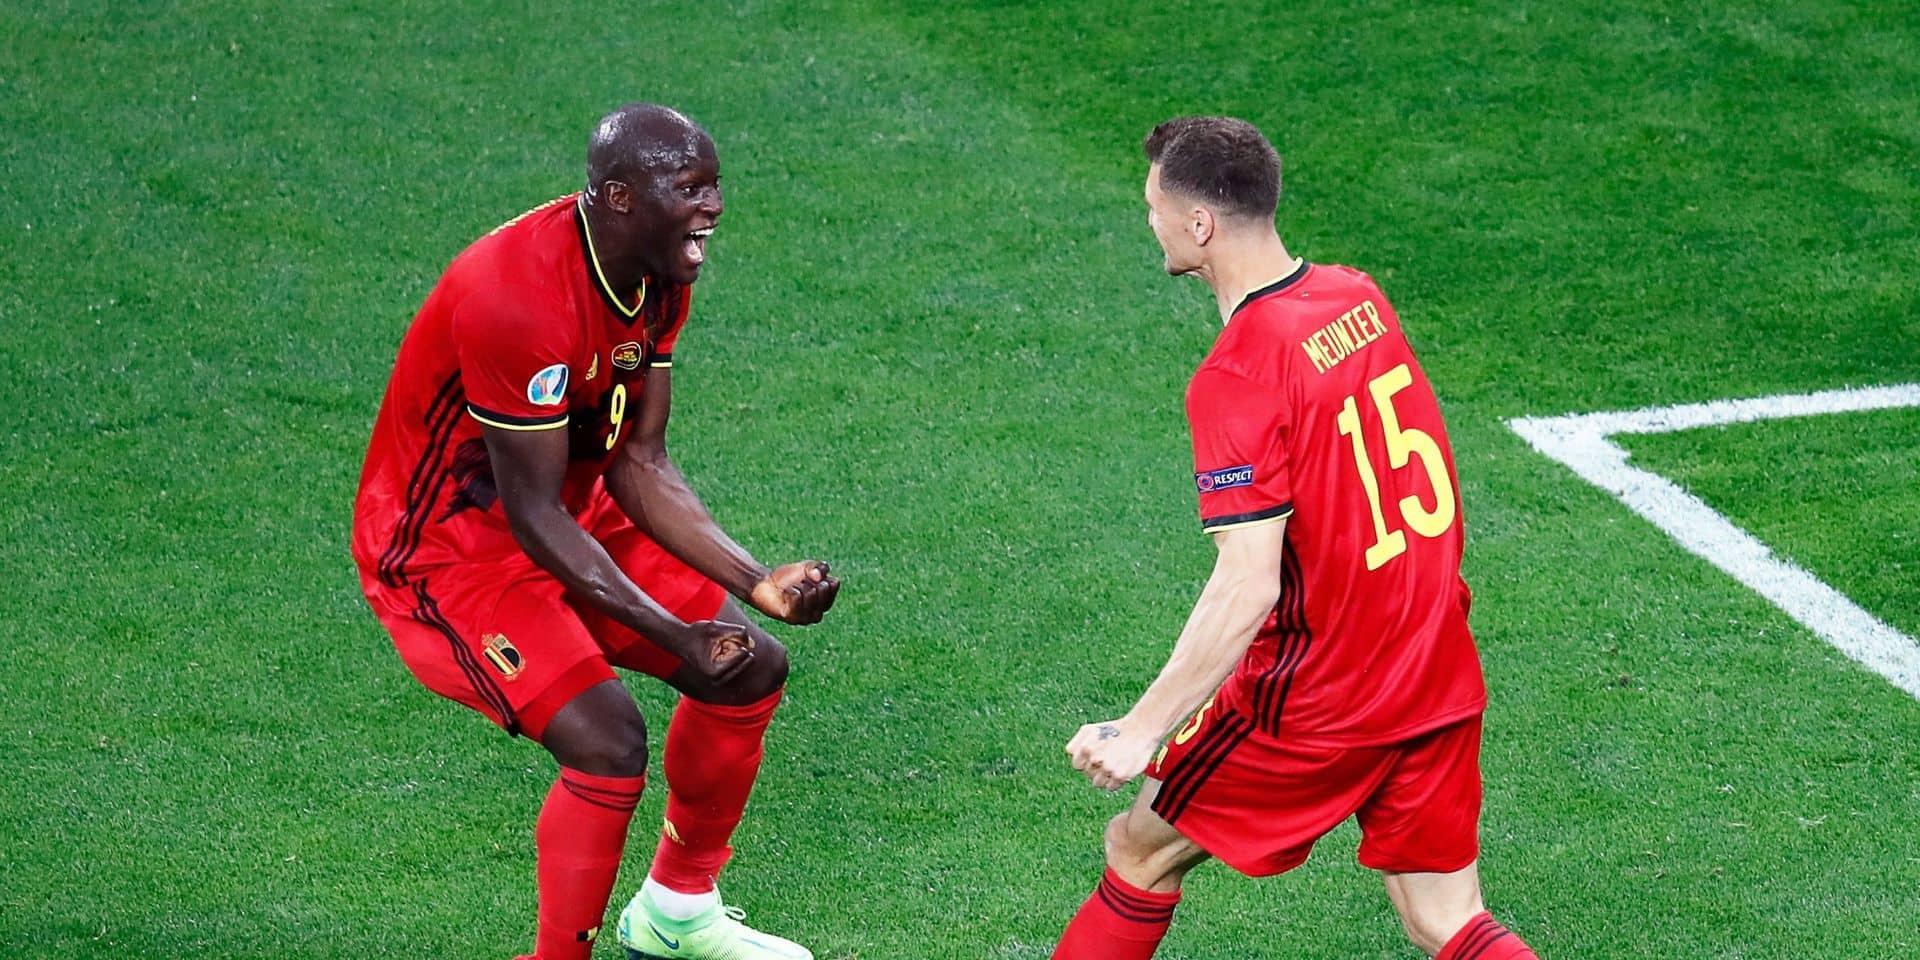 Plus de 3 millions de Belges devant le petit écran pour suivre le match des Diables Rouges contre la Russie